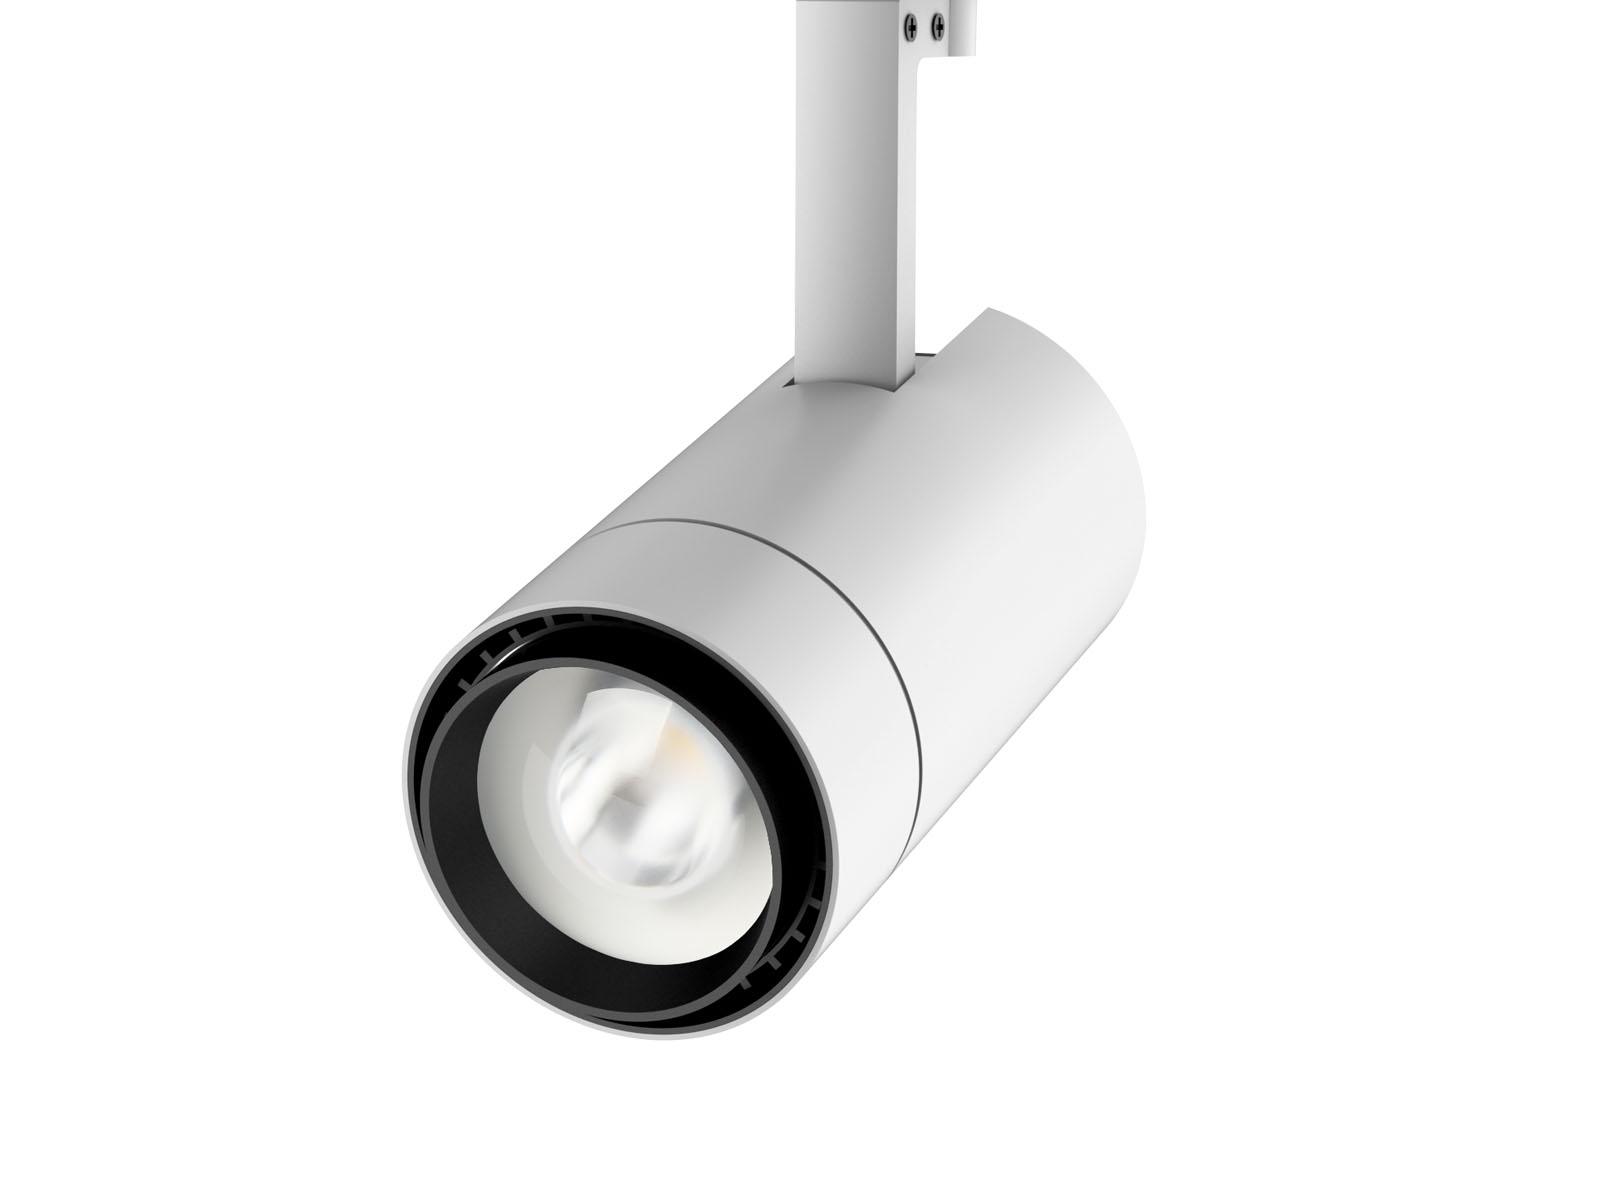 tl17 adjustable led track light